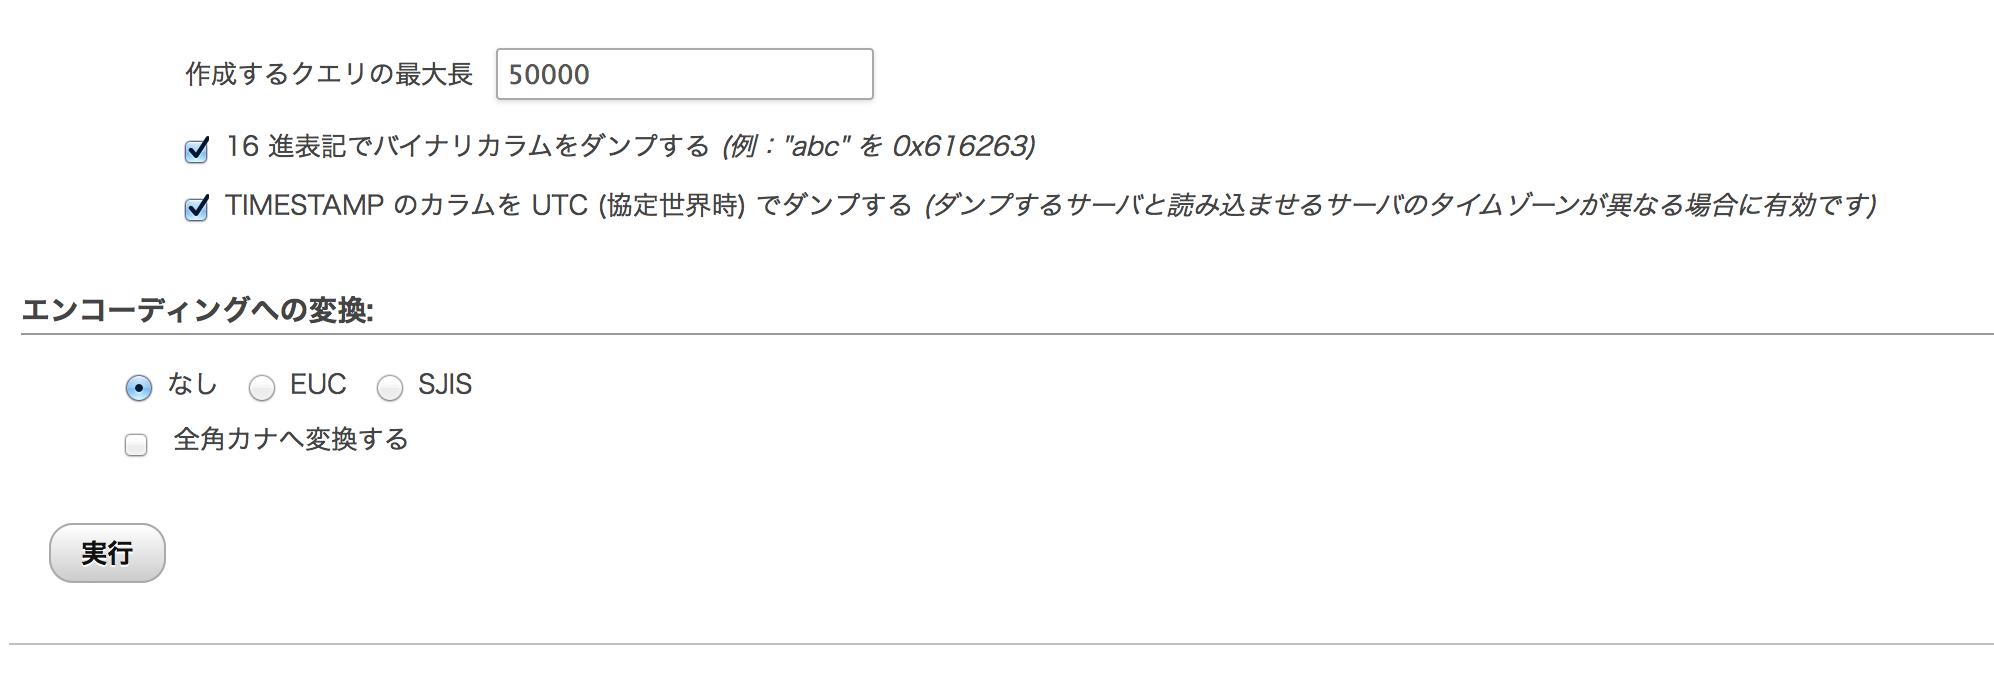 スクリーンショット 2013-10-01 11.18.37